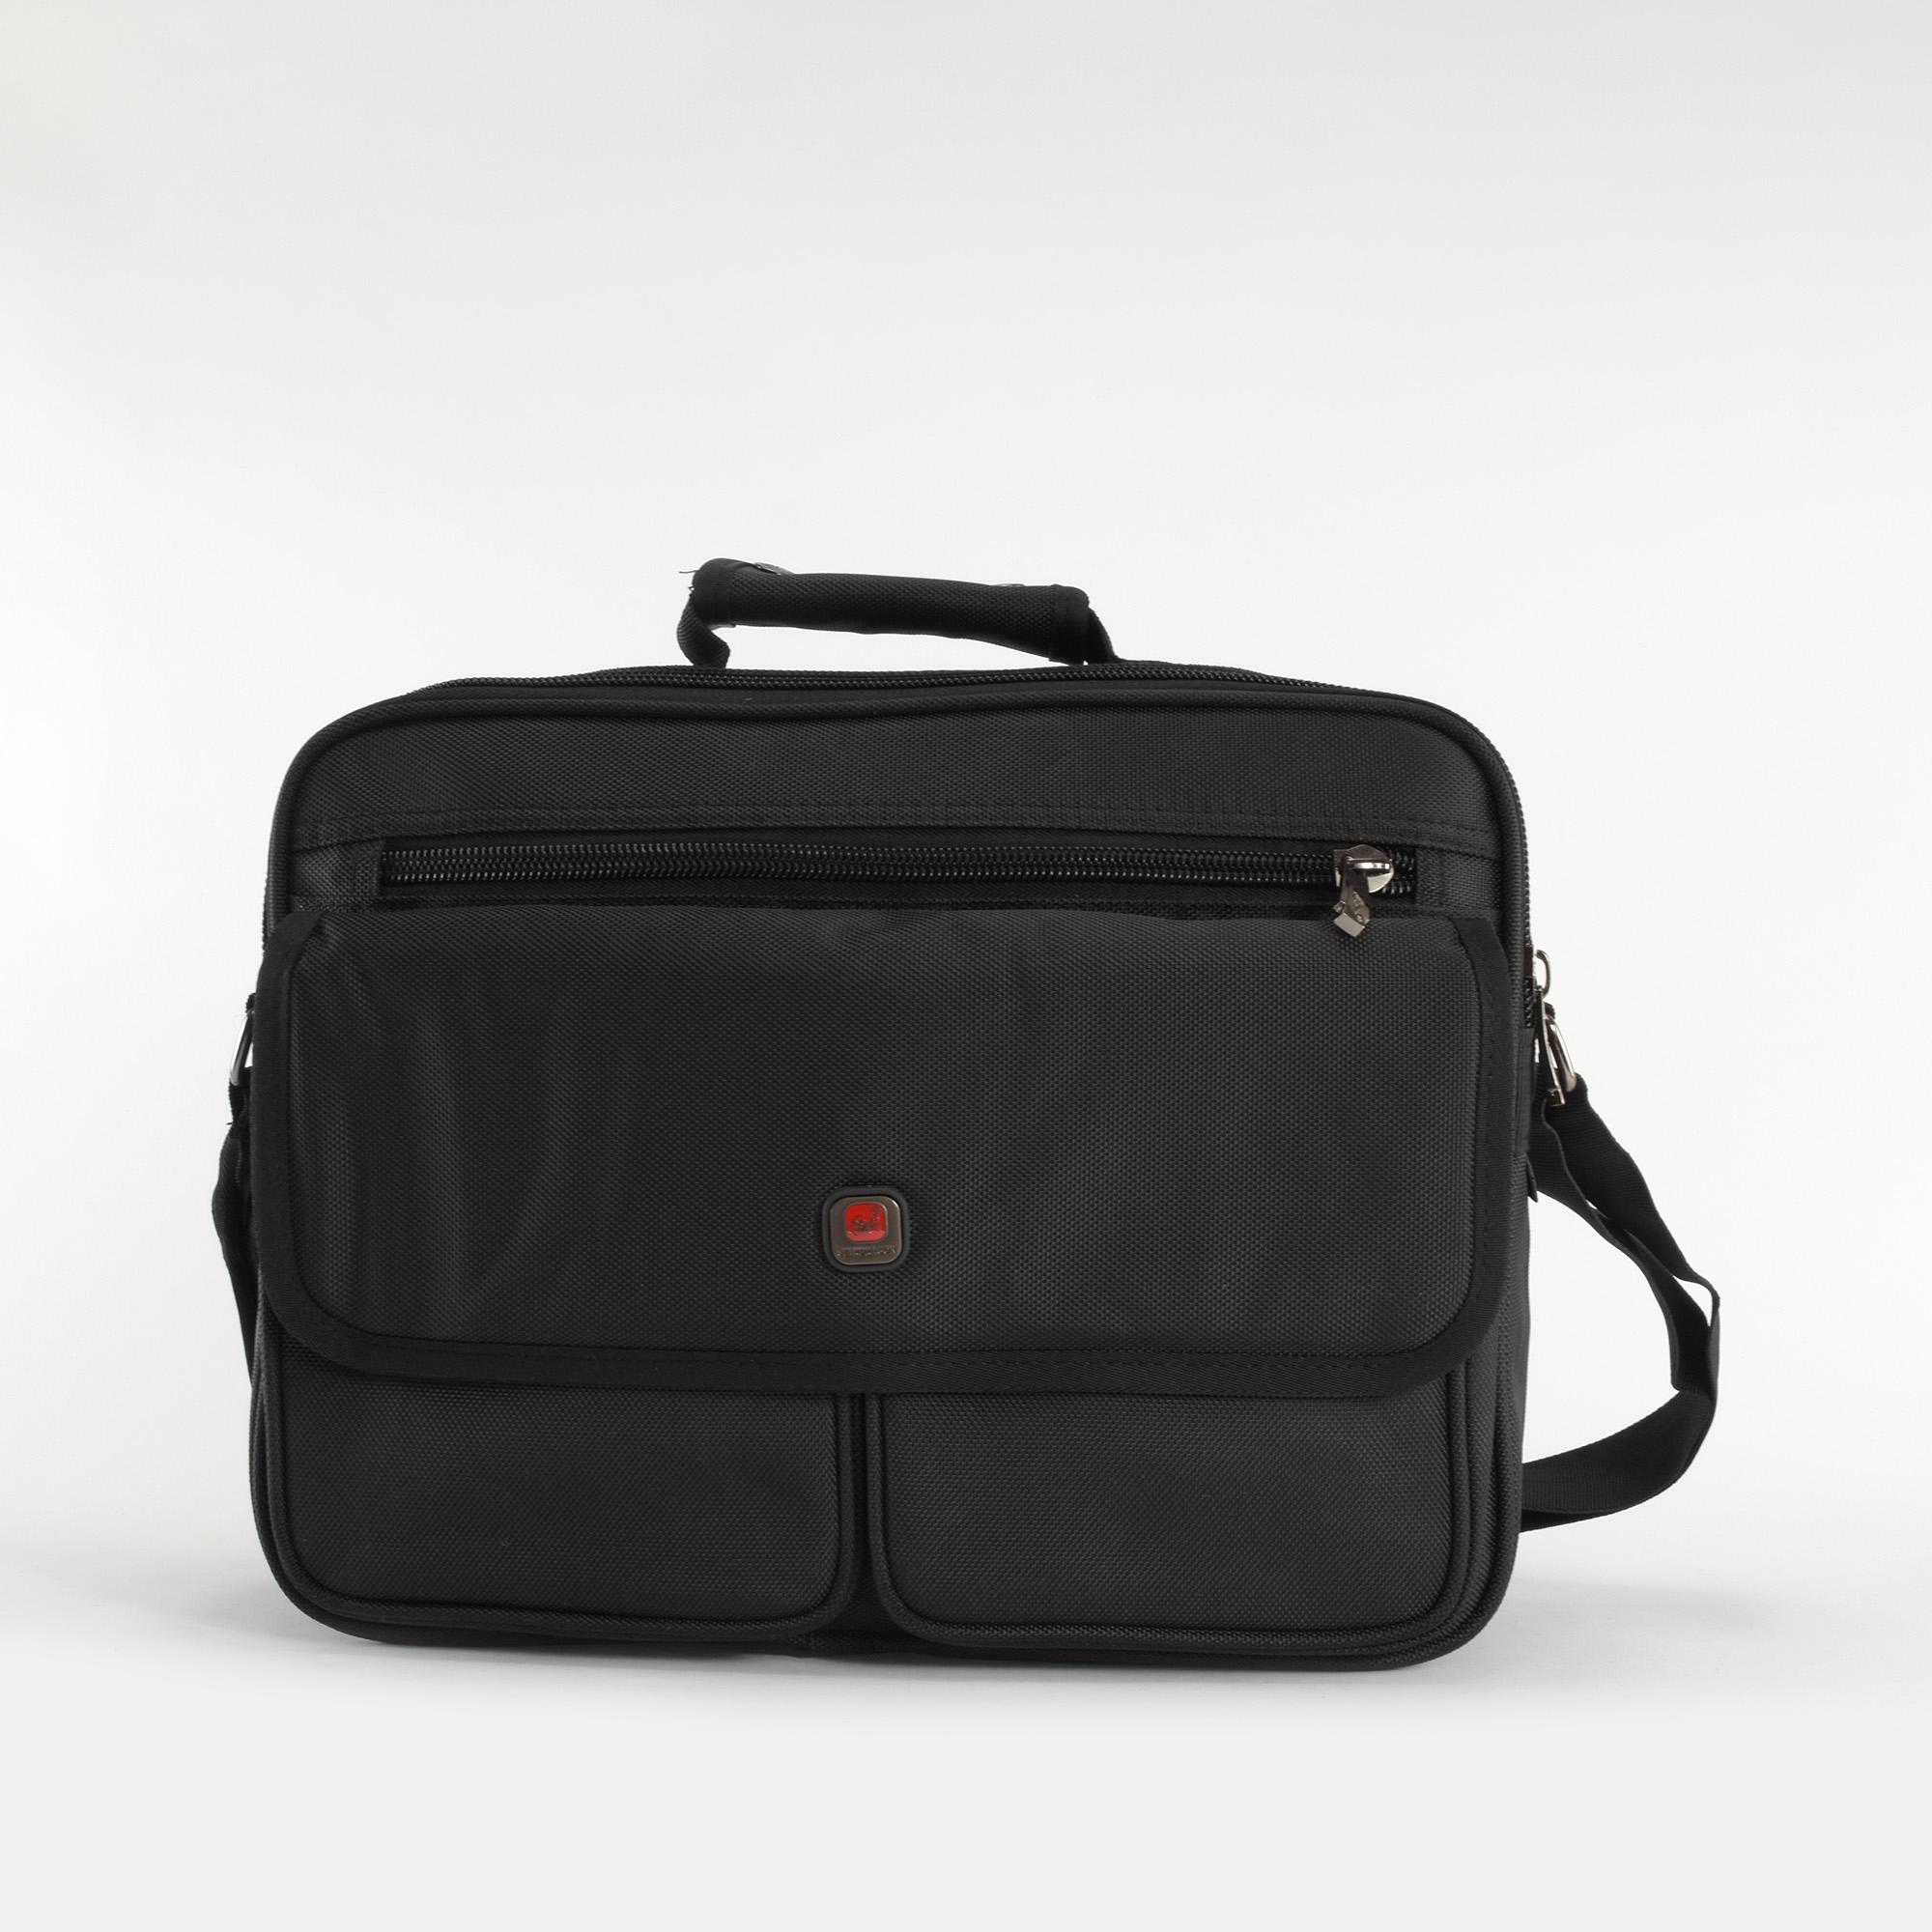 Stardragon Fekete Férfi Poliészter Laptoptáska - OLDALTÁSKÁK - Táska  webáruház - Minőségi táskák mindenkinek 5ab205c988